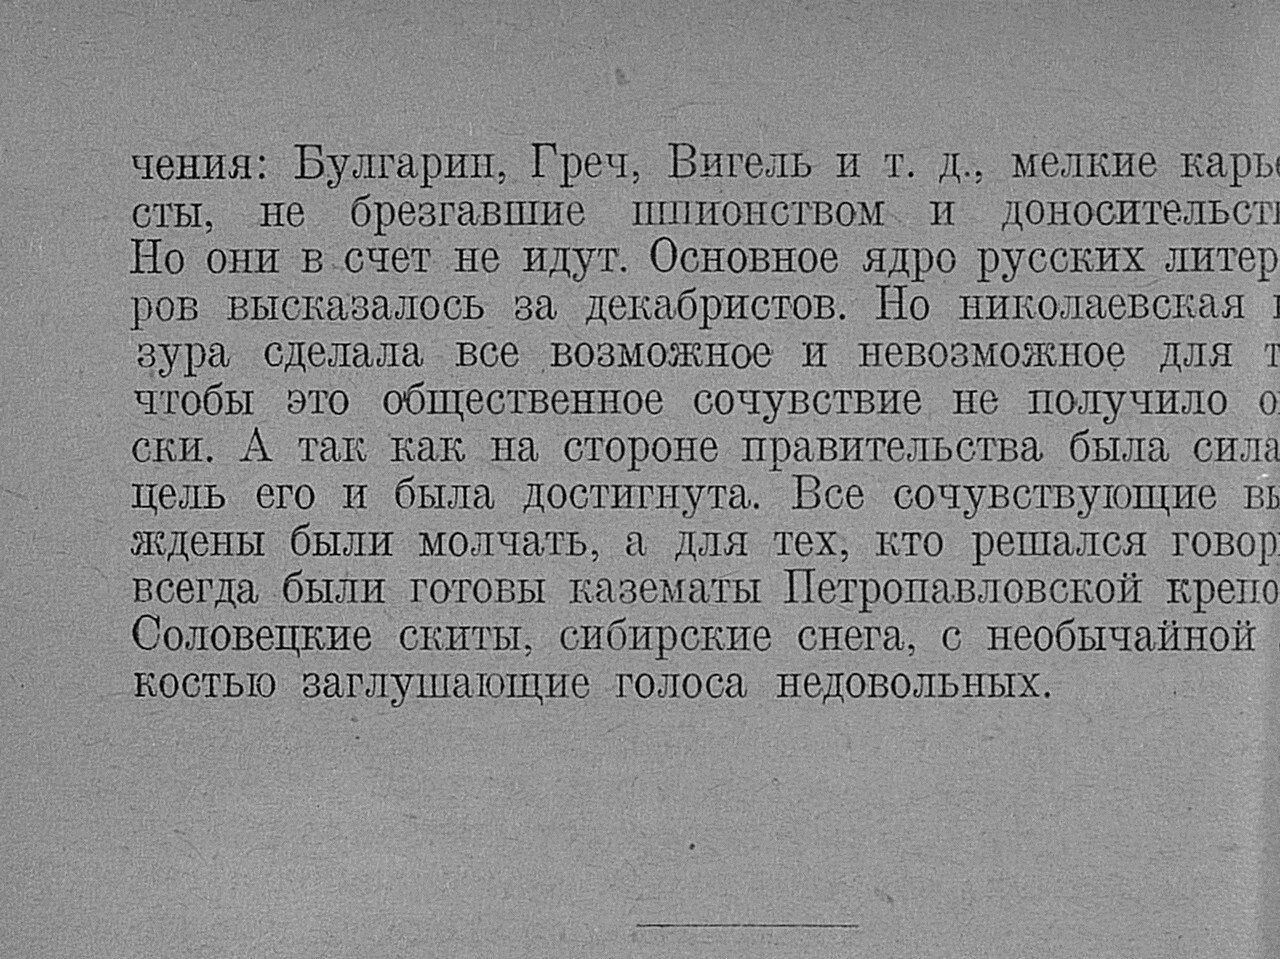 https://img-fotki.yandex.ru/get/892702/199368979.90/0_20f6bb_65d11d12_XXXL.jpg